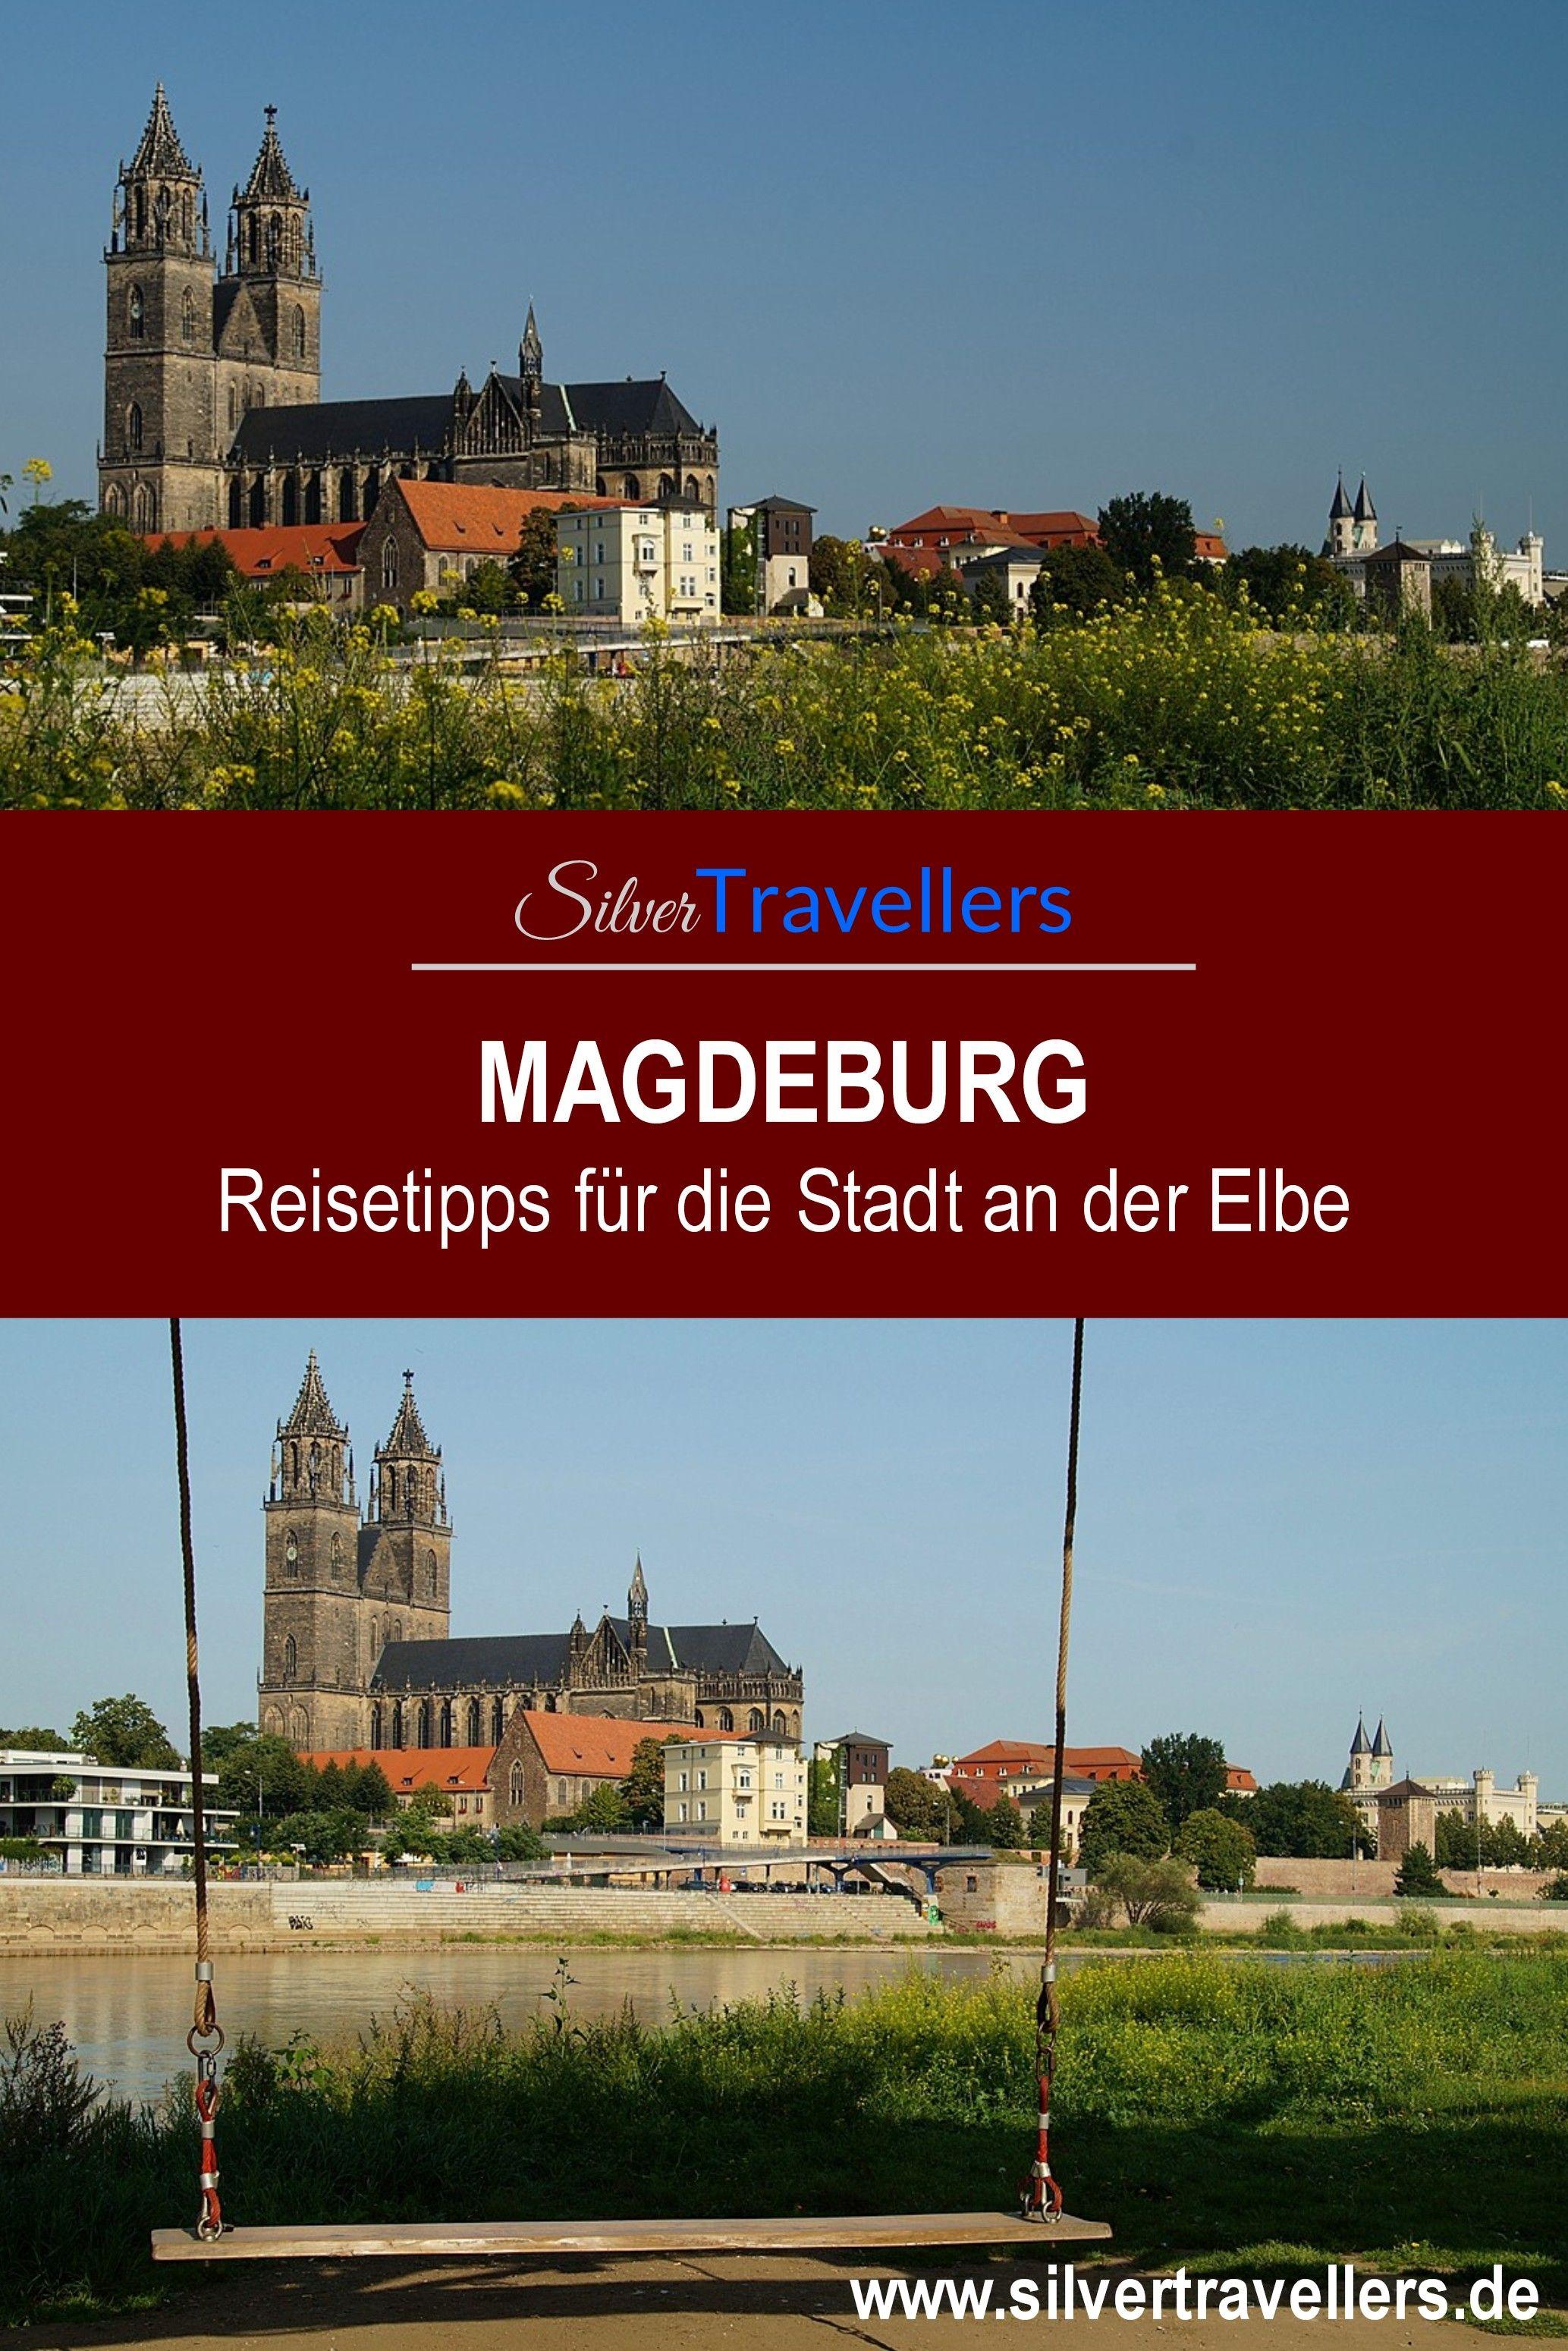 Du Bist Neugierig Was Die Stadt An Der Elbe So Alles Zu Bieten Hat Oder Denkst Du Uber Einen Kurztrip In Die Lande Urlaub In Deutschland Reisen Europa Reisen